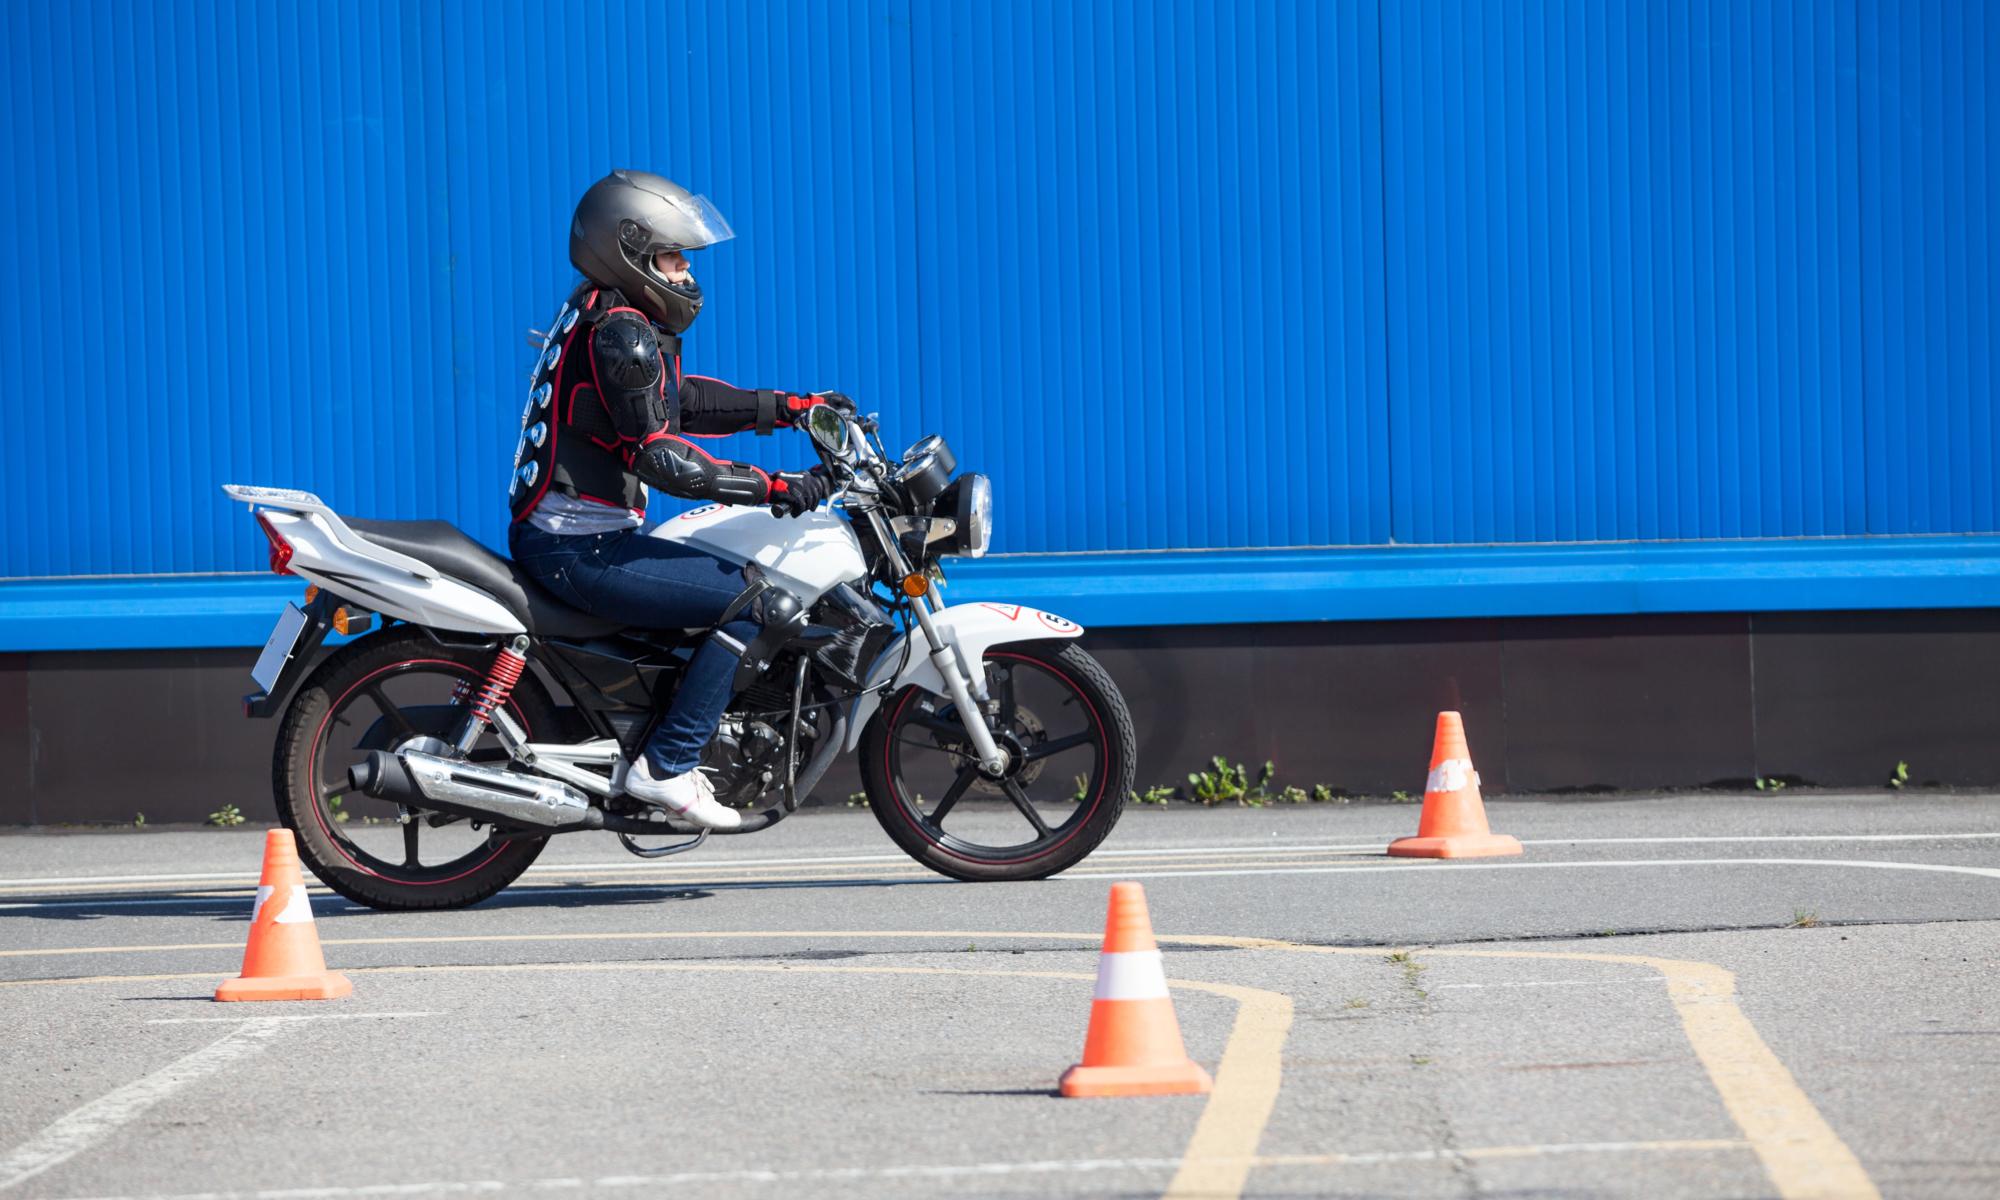 Moto école, permis moto - Auto-Moto École des Ormeaux, Petit-Lancy, Genève